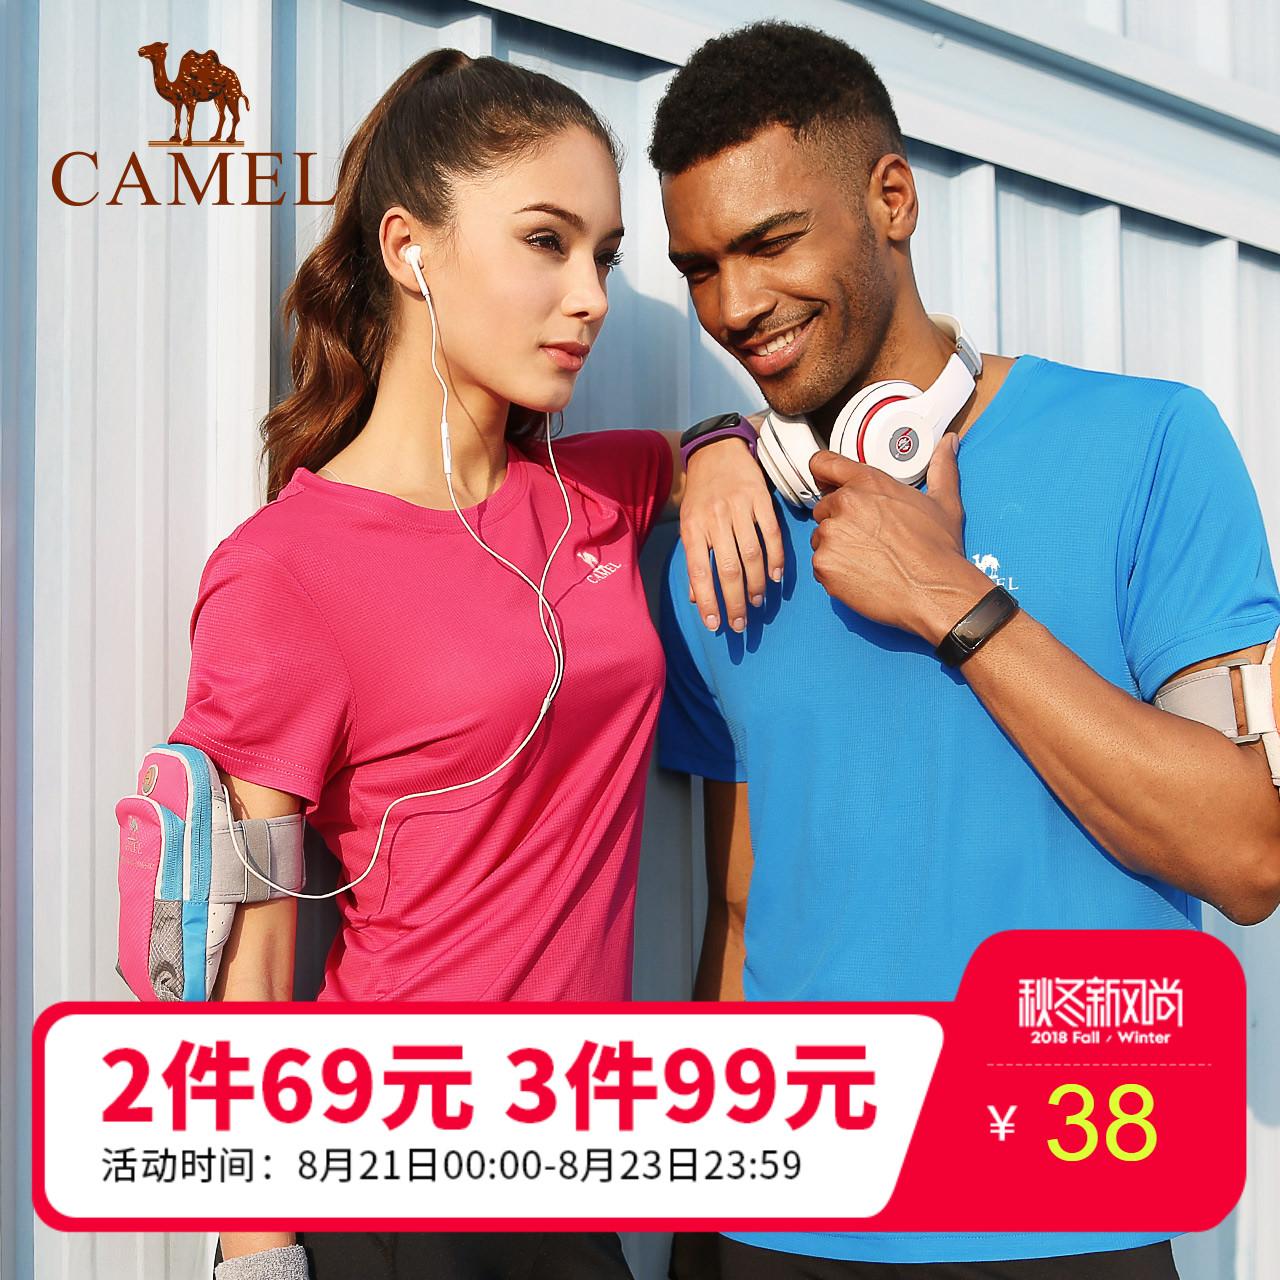 【热销41万】骆驼运动T恤男吸汗透气速干t圆领跑步健身短袖上衣女